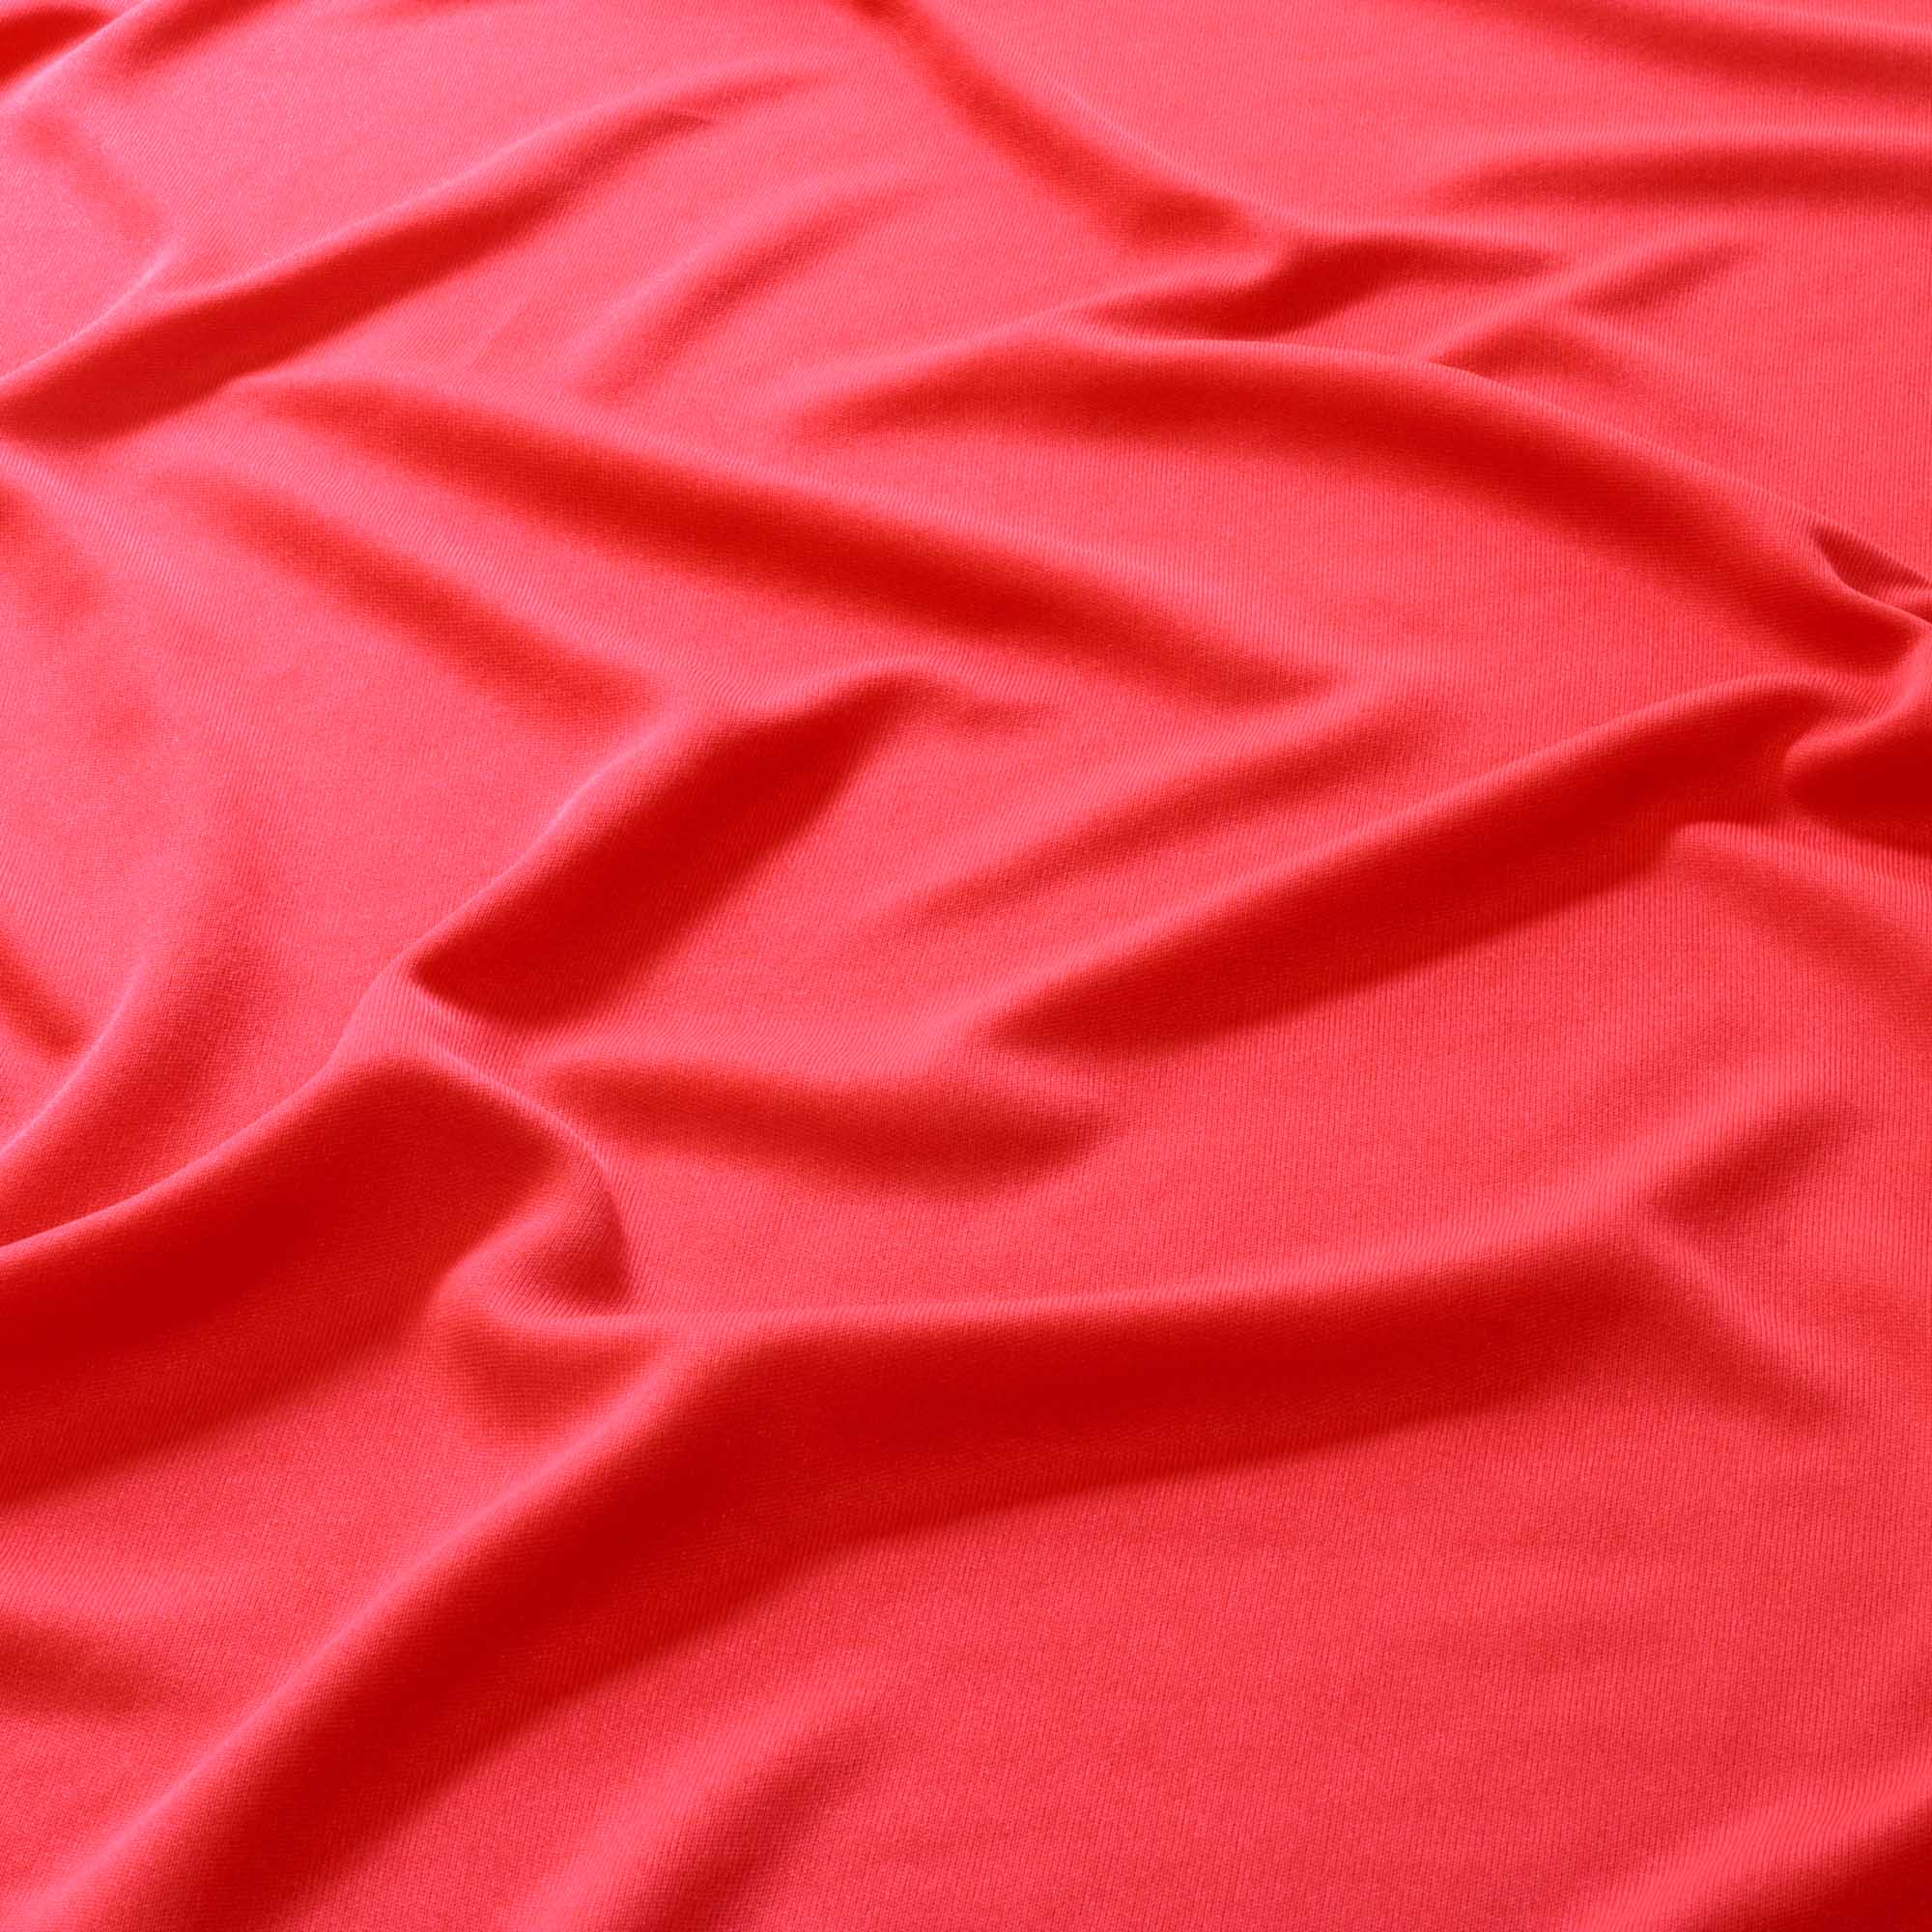 Tecido Malha Helanca Light Vermelho Cereja 100% Poliester 1,80 m Largura